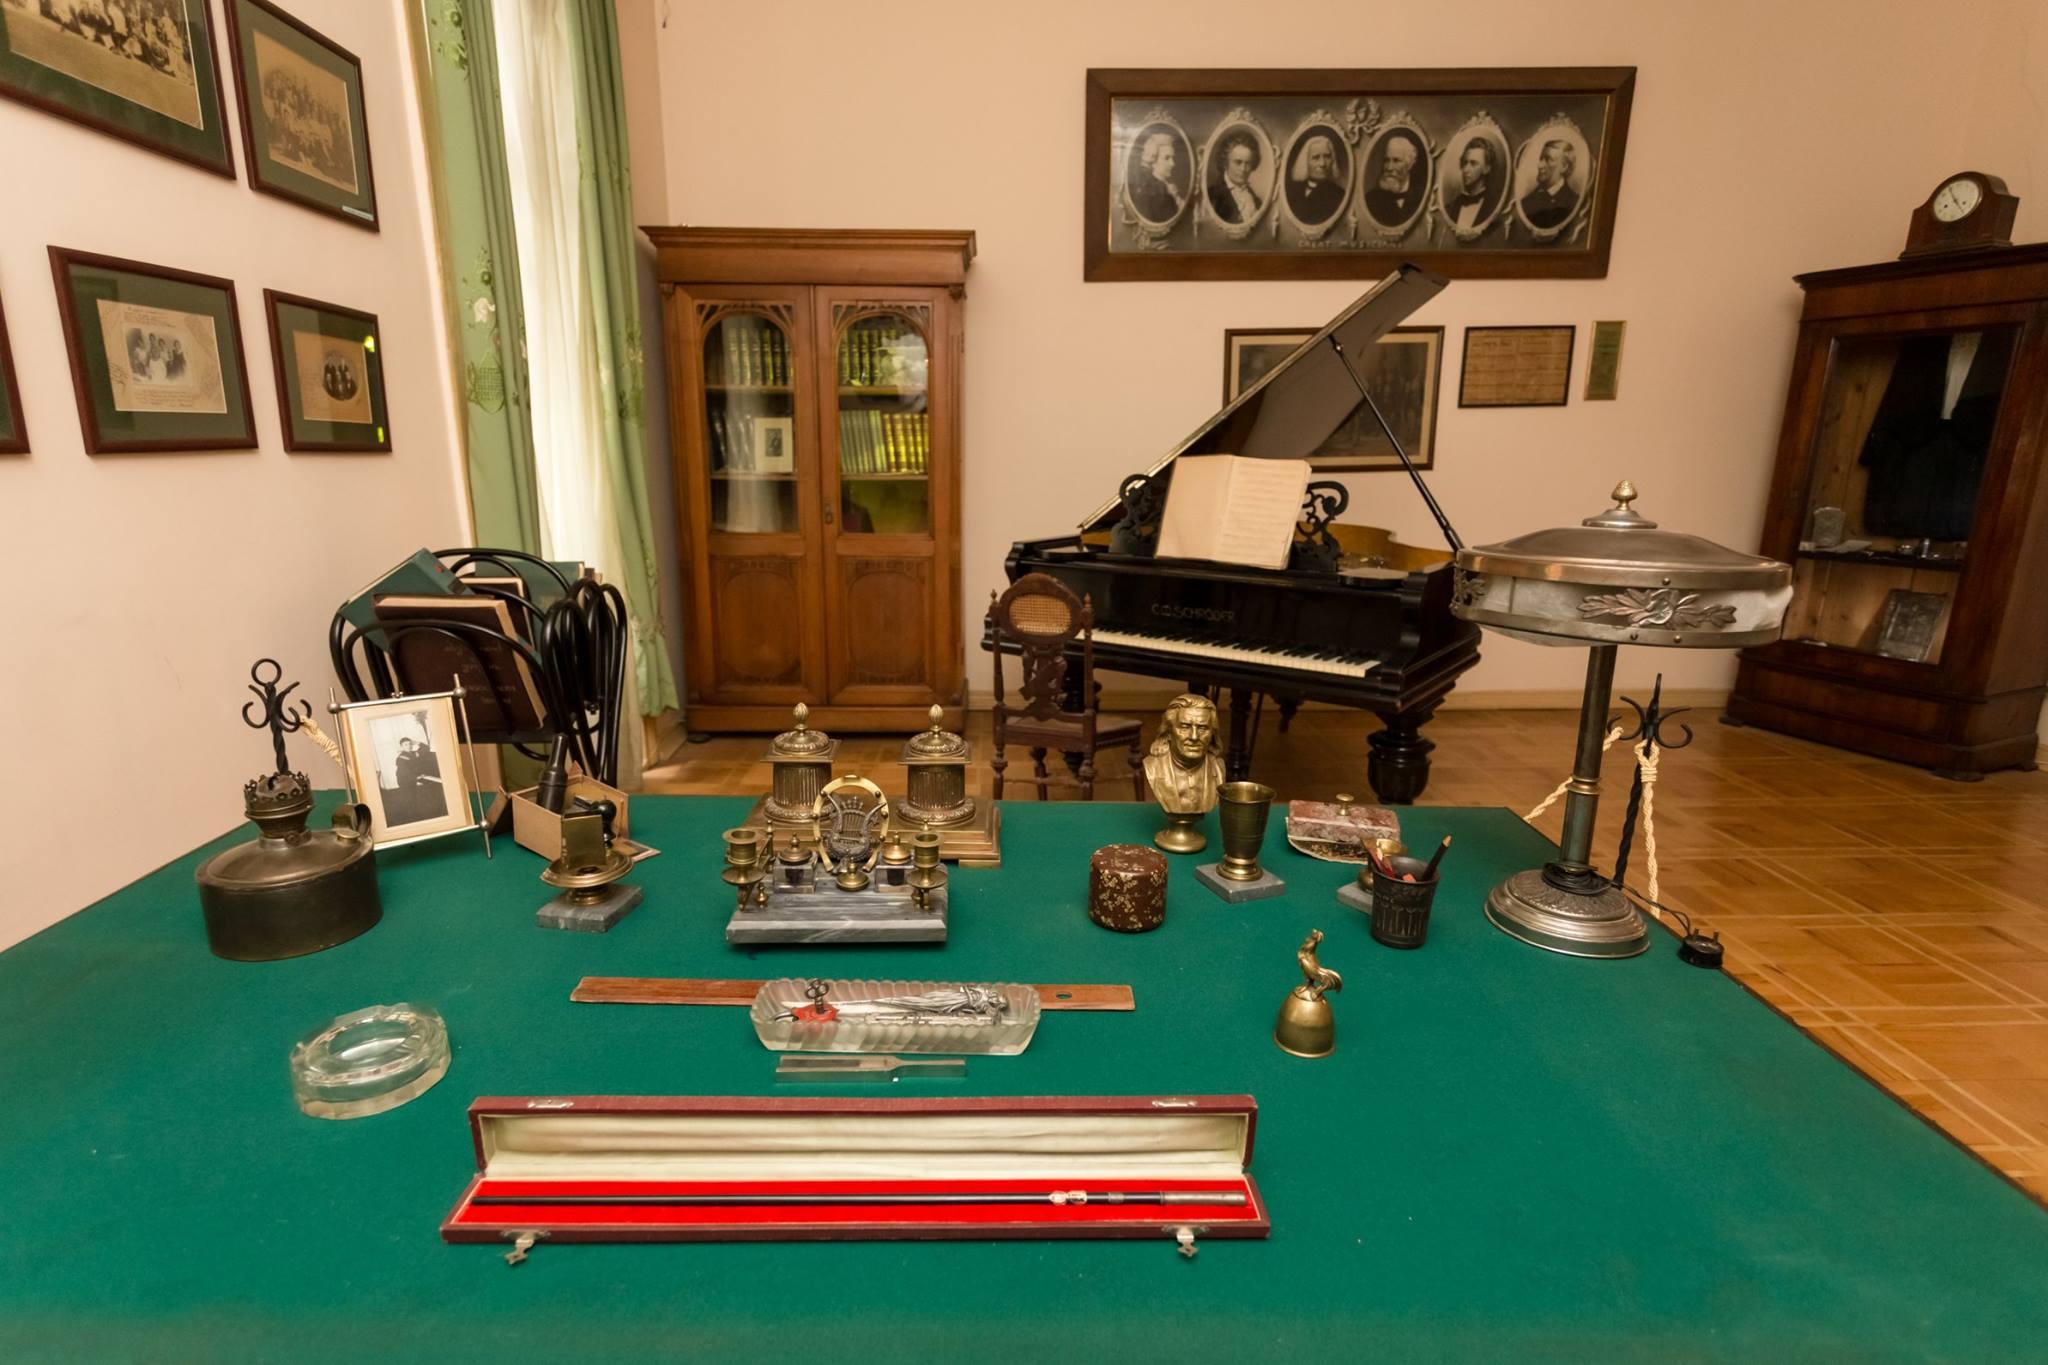 პიკის საათი - რადიოგიდი- თბილისის მერიის მუზეუმების გაერთიანება - ზ. ფალიაშვილის მემორიალური სახლ-მუზეუმი